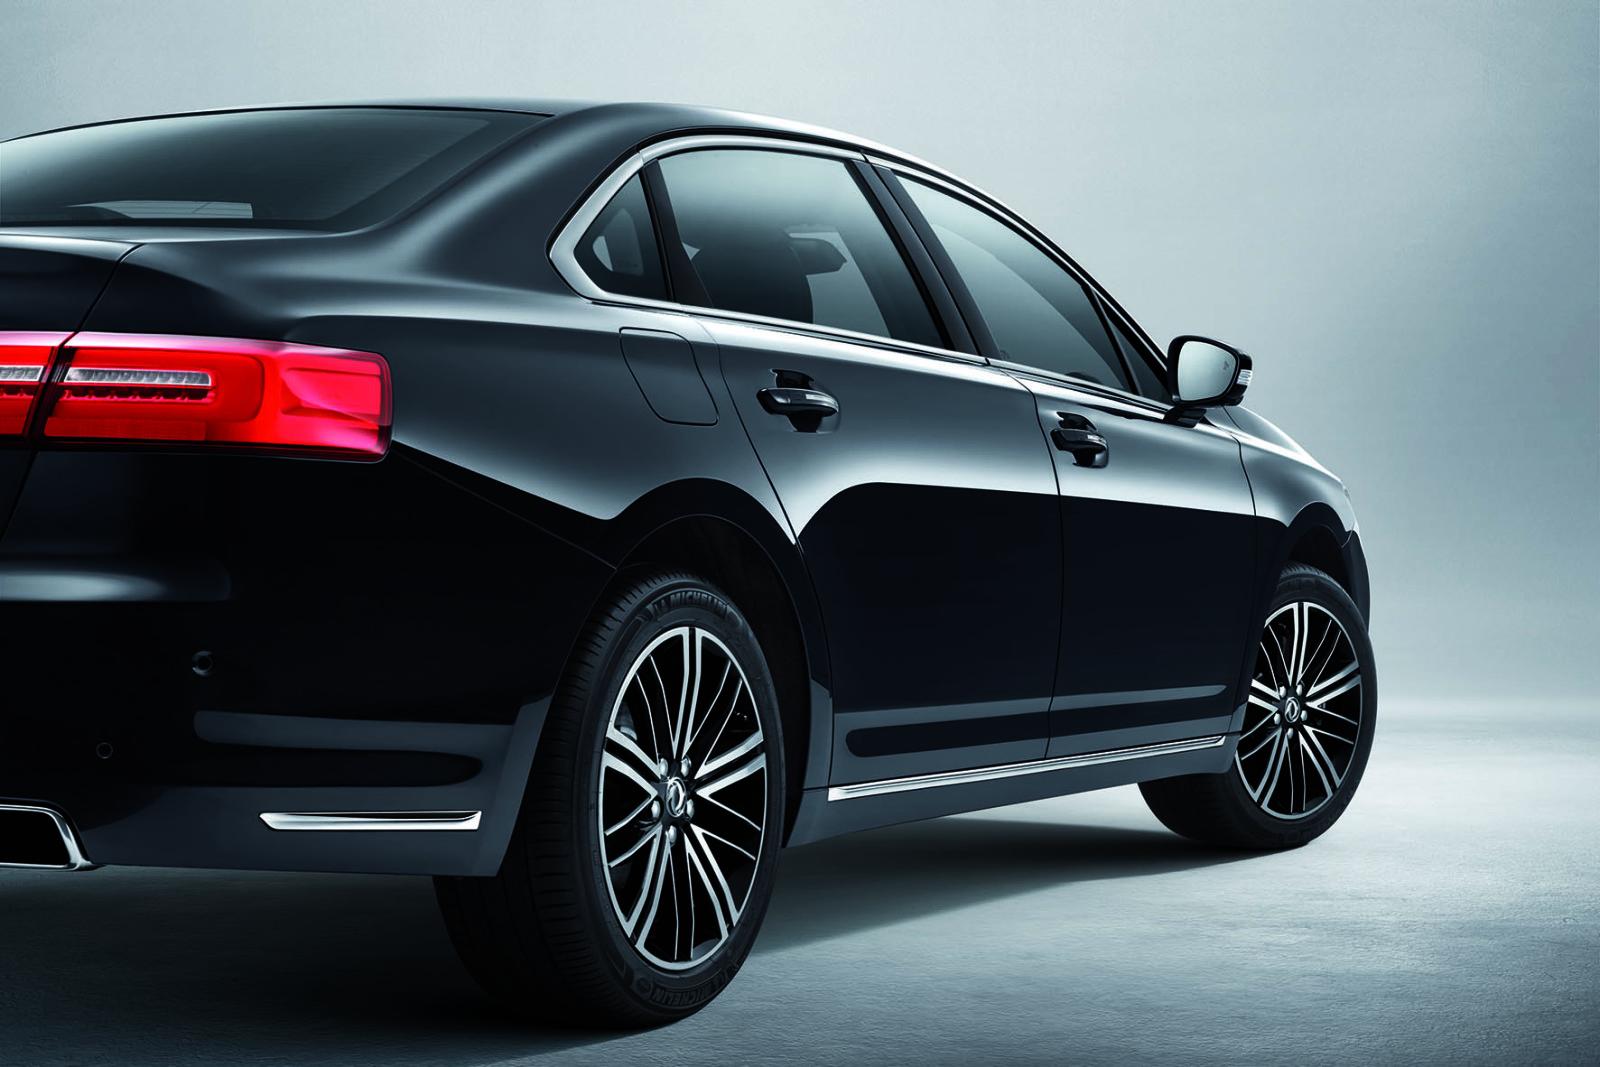 Седан А9 создан на базе новой платформы альянса Peugeot Citroen, которая используется такими моделями как Peugeot 508 и Citroen С5